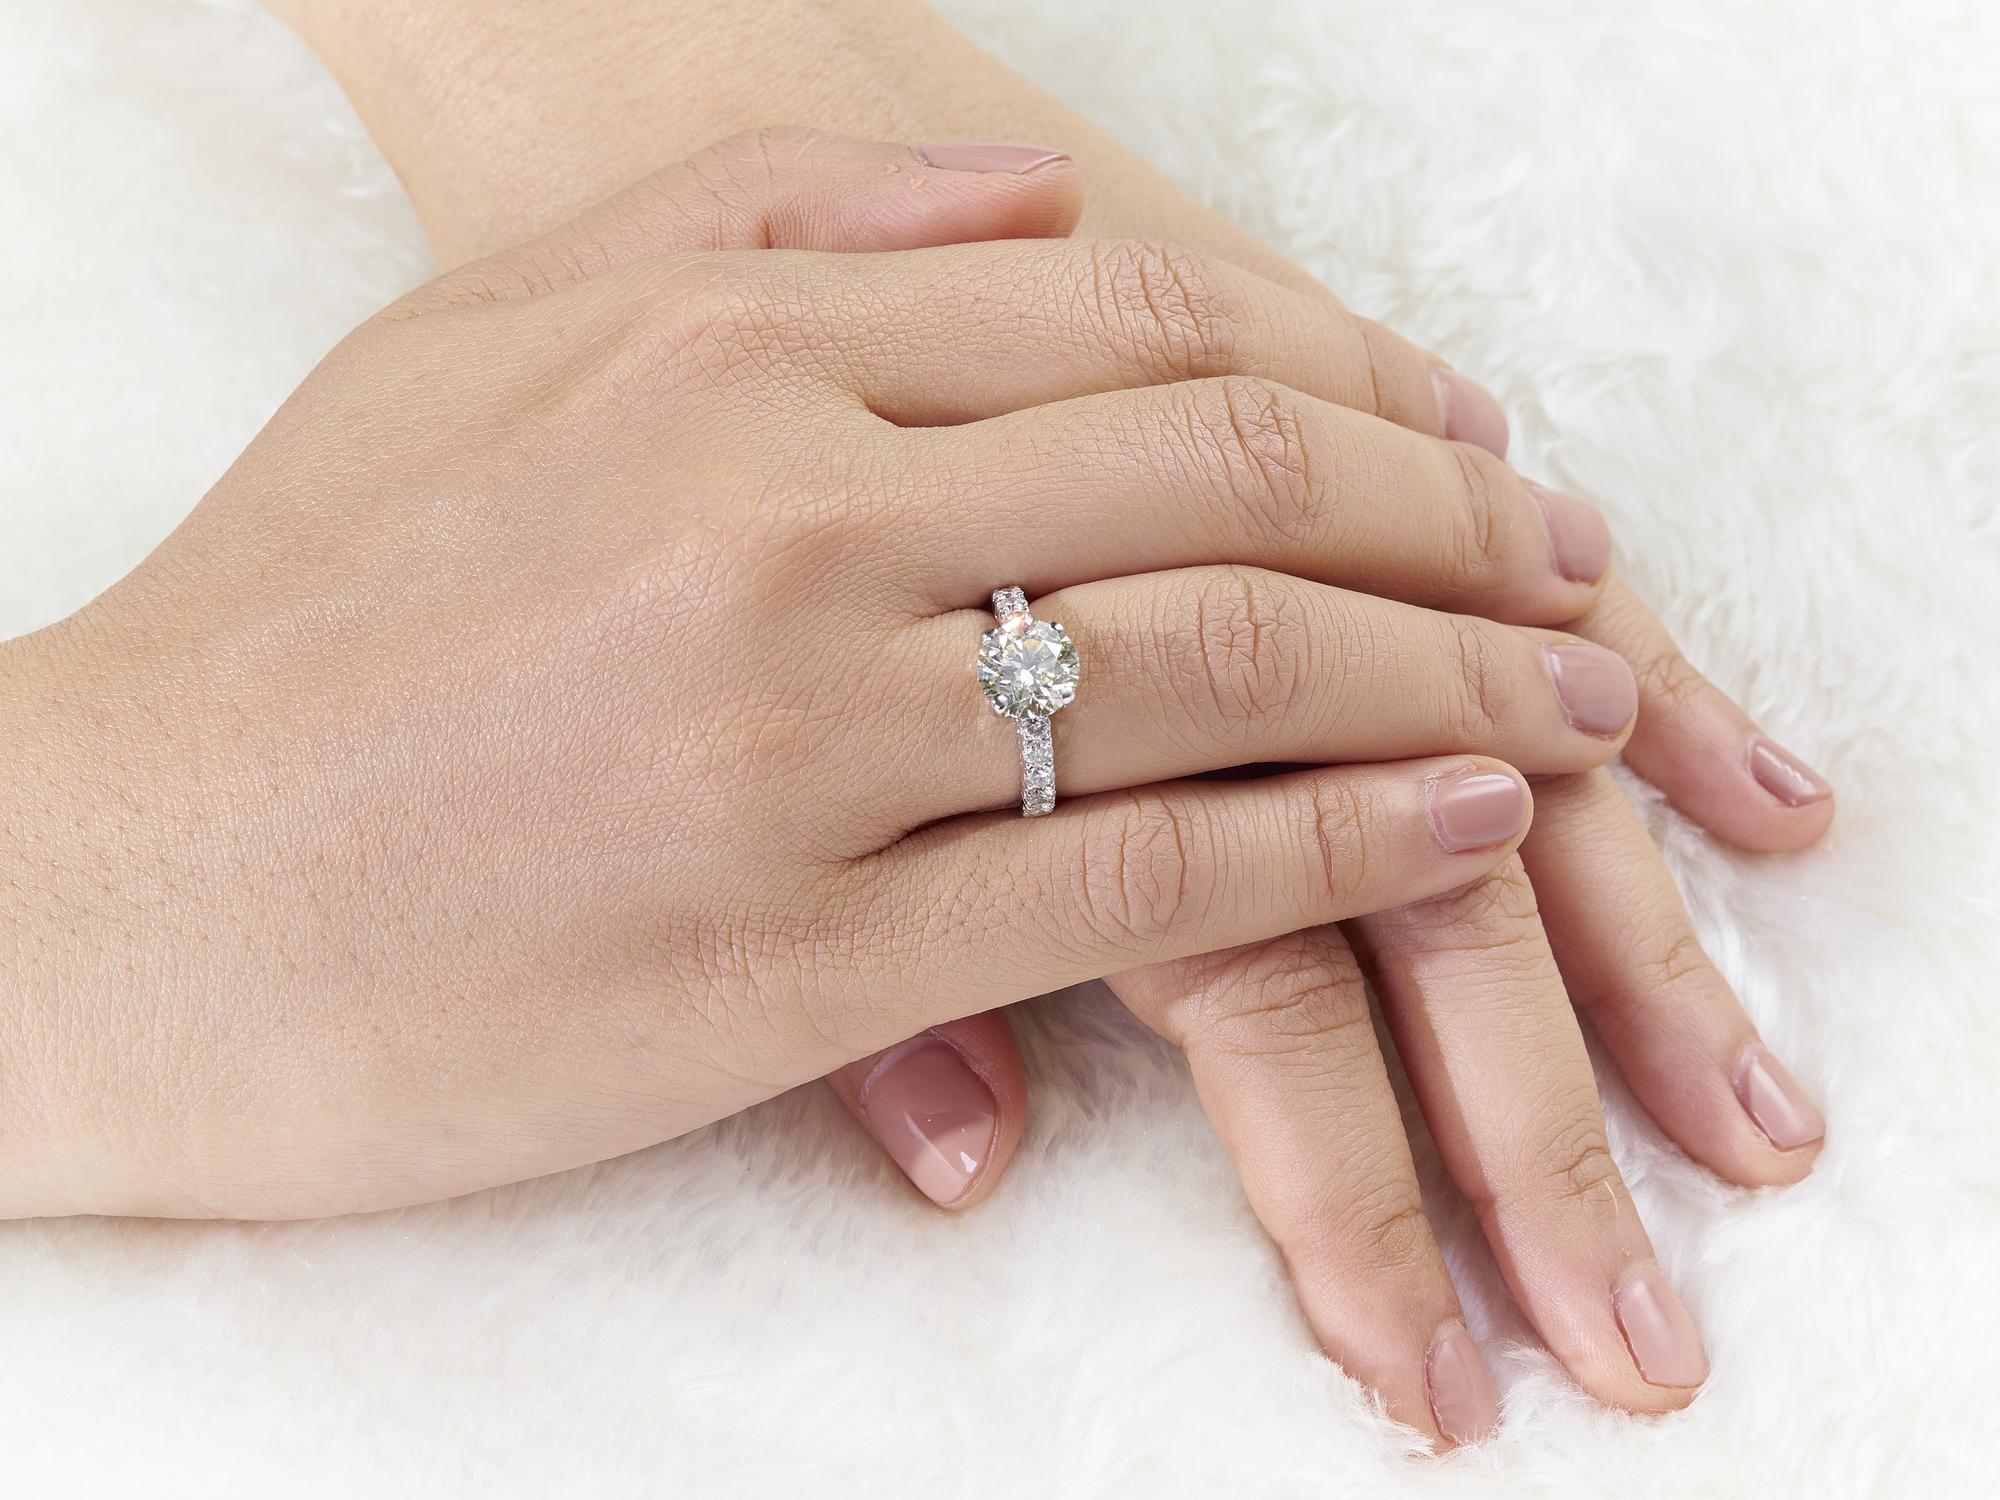 ダイヤモンドの価値は4Cで決まる